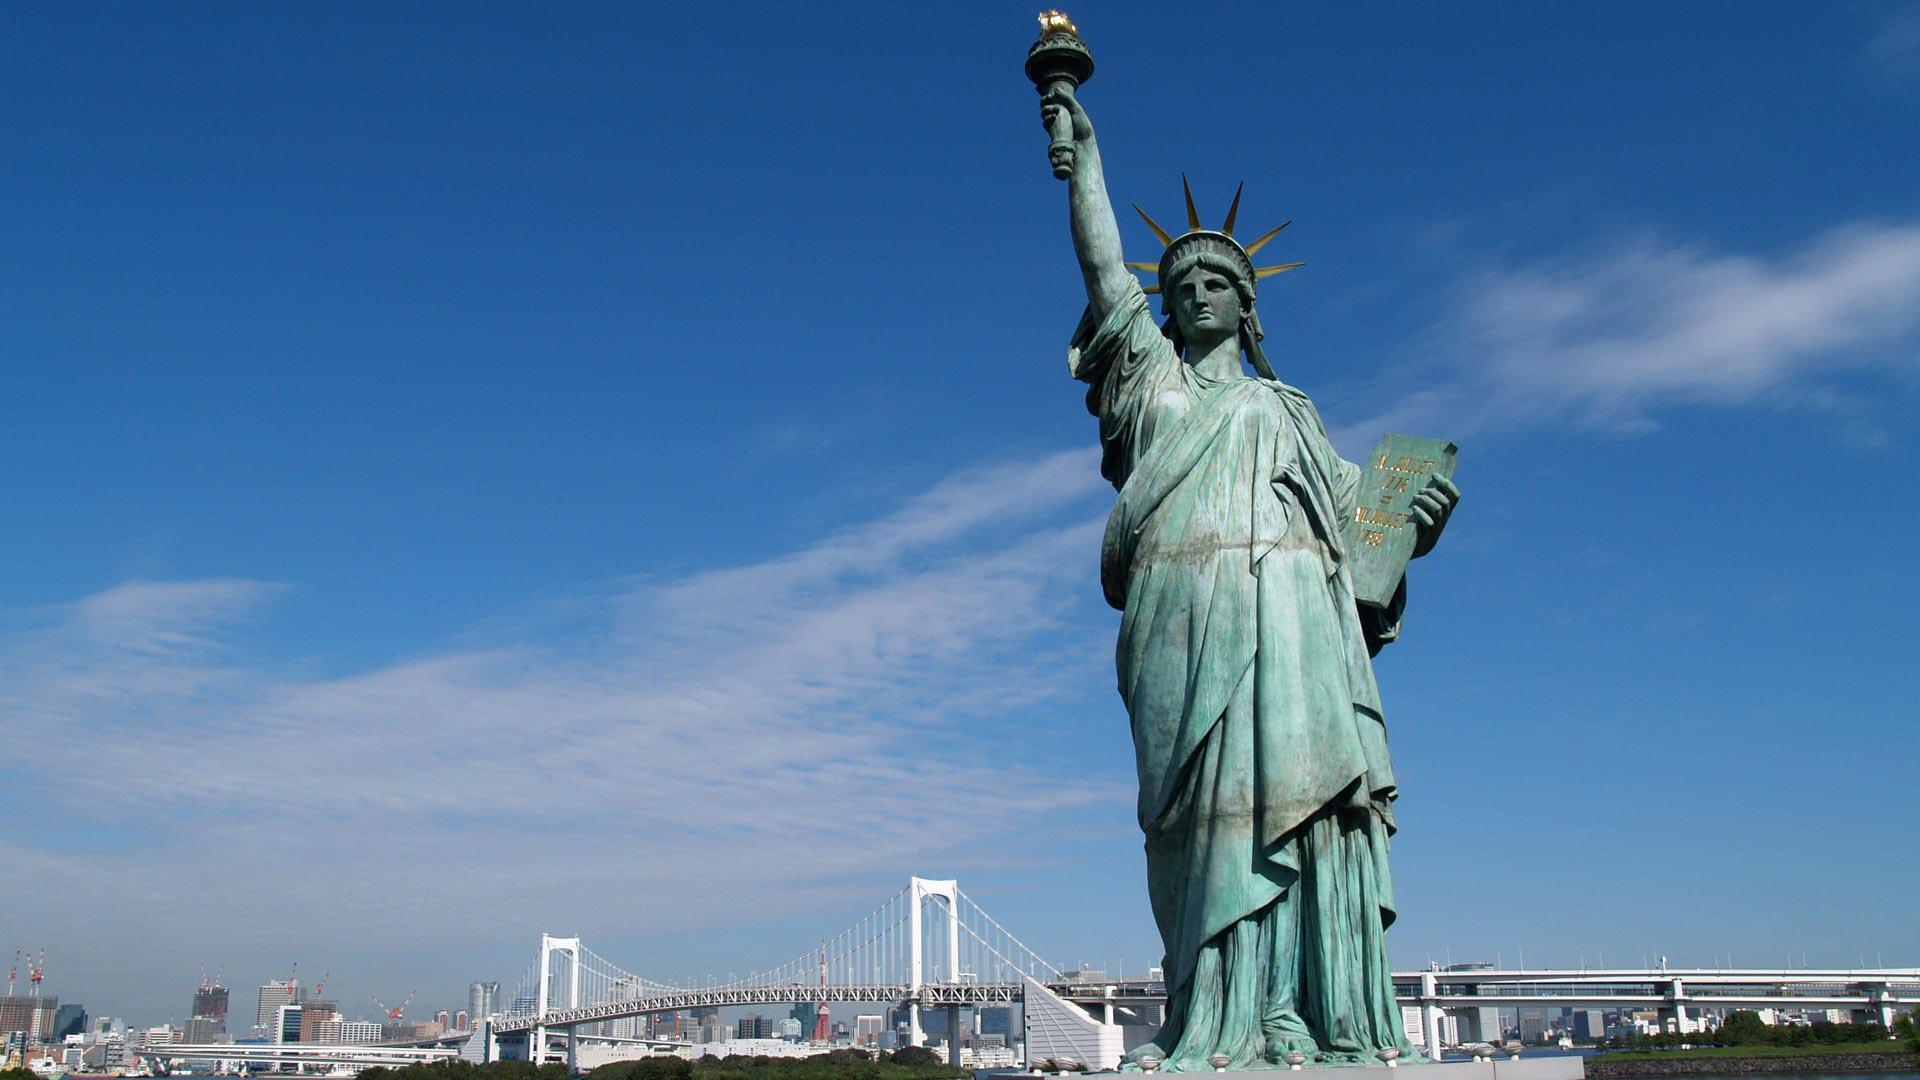 Wallpaper Falling Water Statue Of Liberty In New York Hd Wallpaper Pixelstalk Net